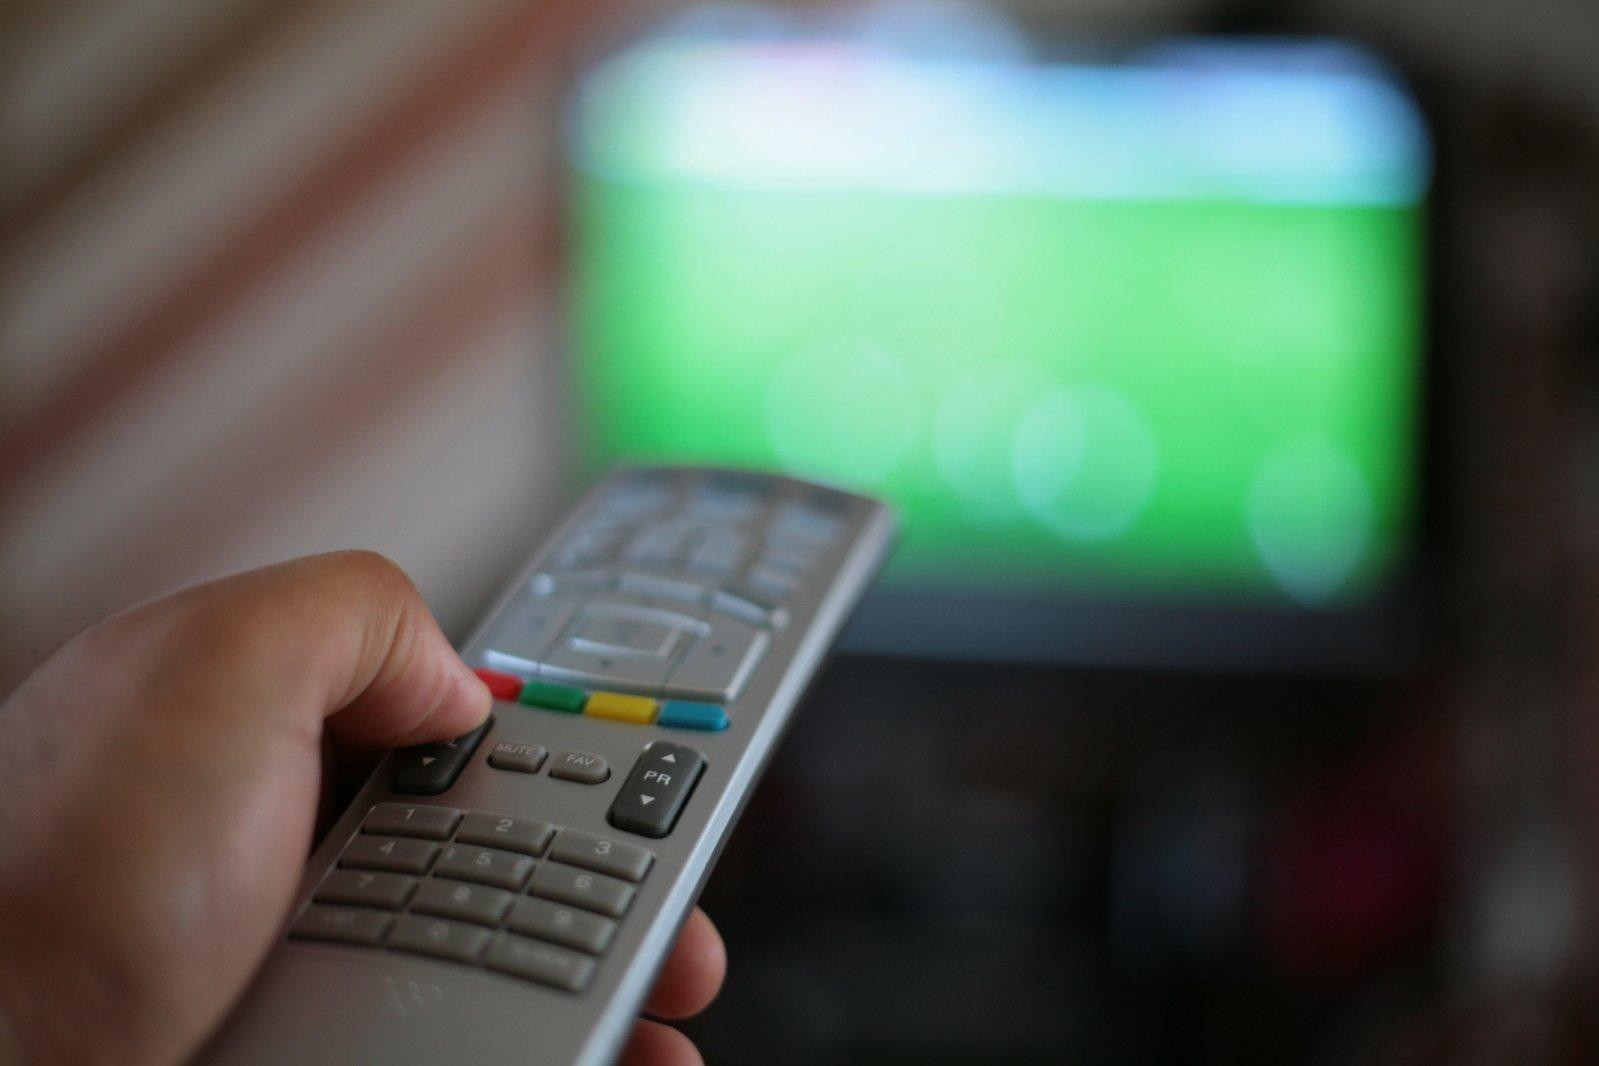 free remote control stock photo